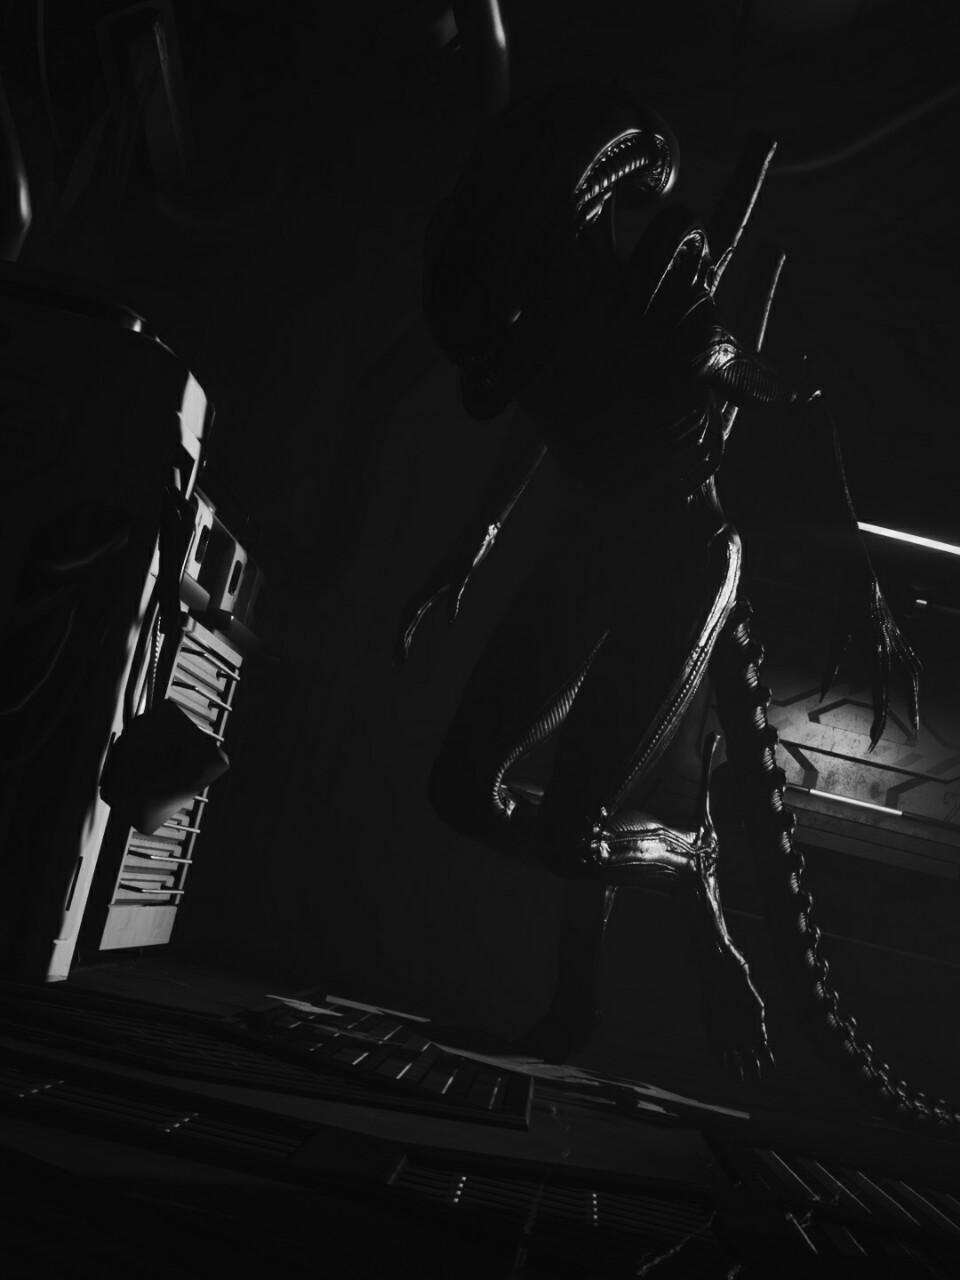 Сиквел Прометея раскроет создателей Чужих